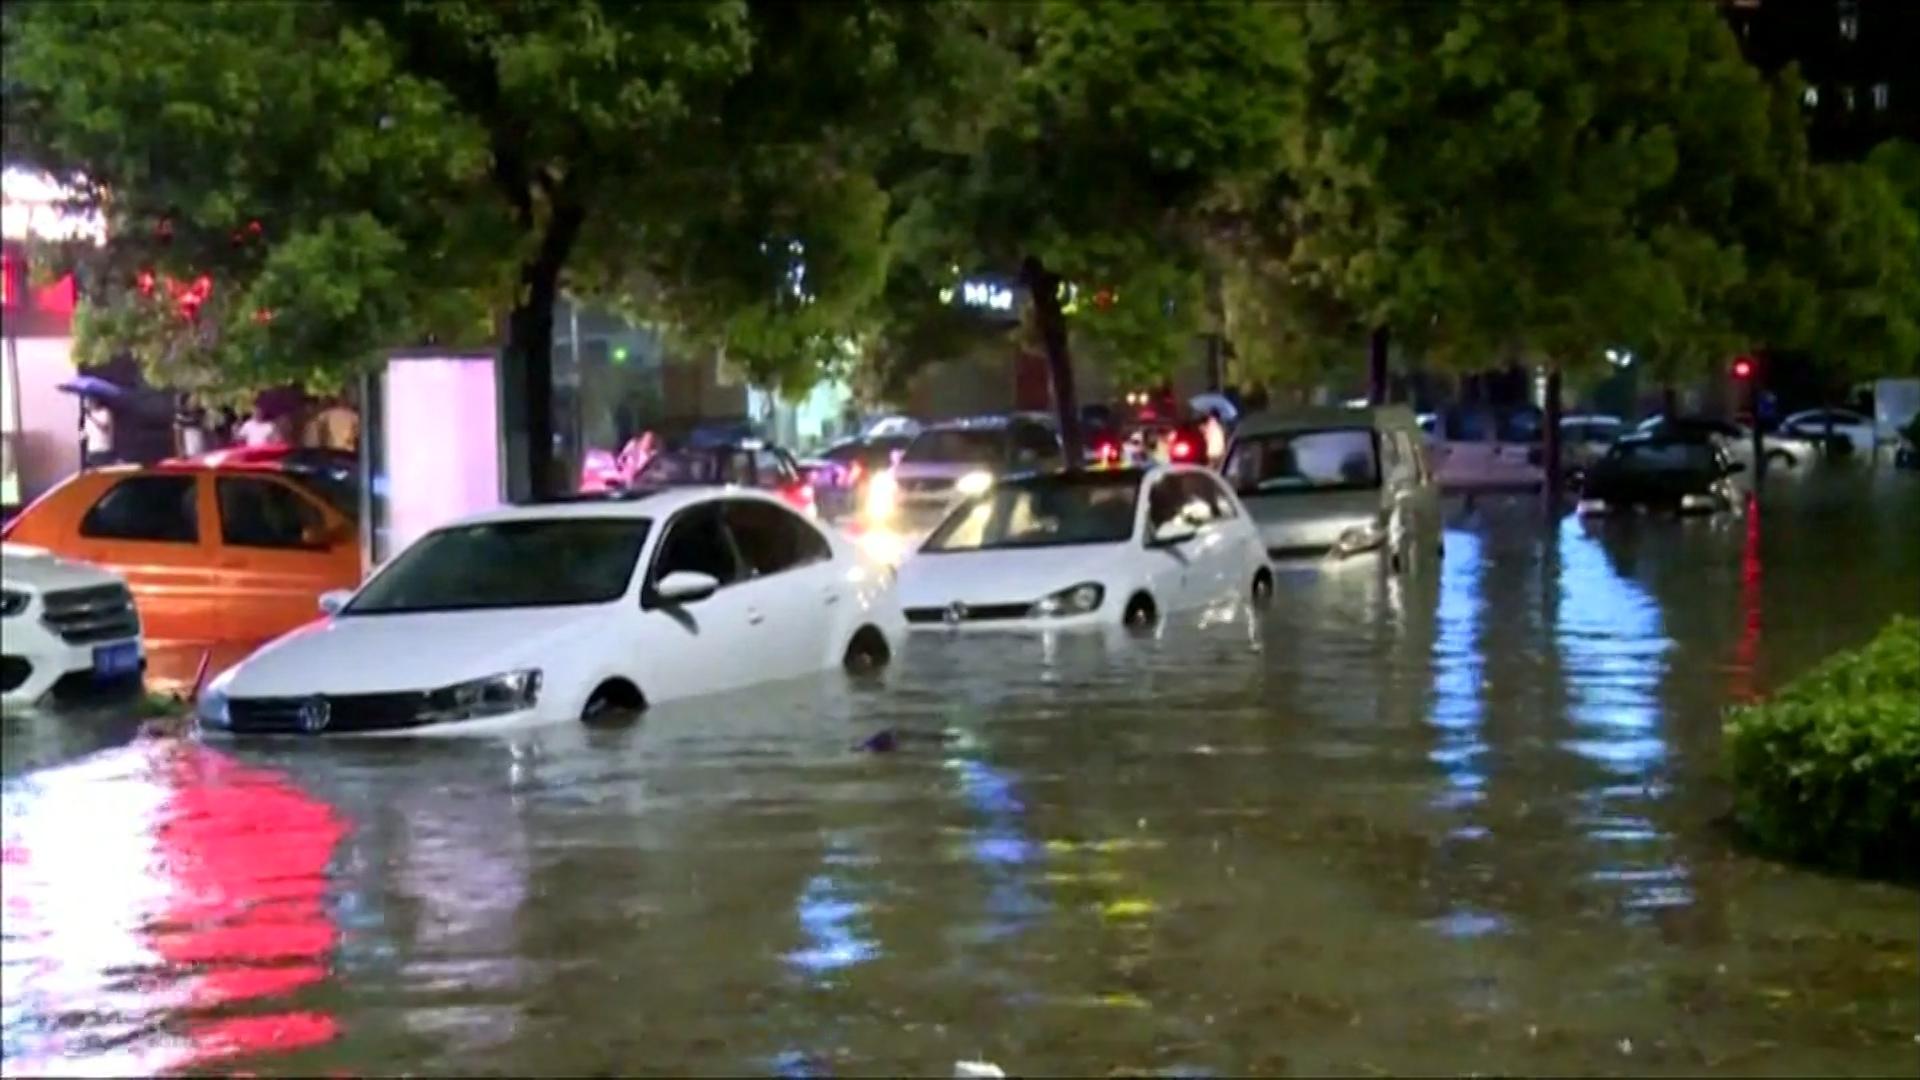 China sufrió fuertes inundaciones entre julio y agosto en varias regiones, duplicando y hasta triplicando los récords vigentes. Al menos 66 personas murieron